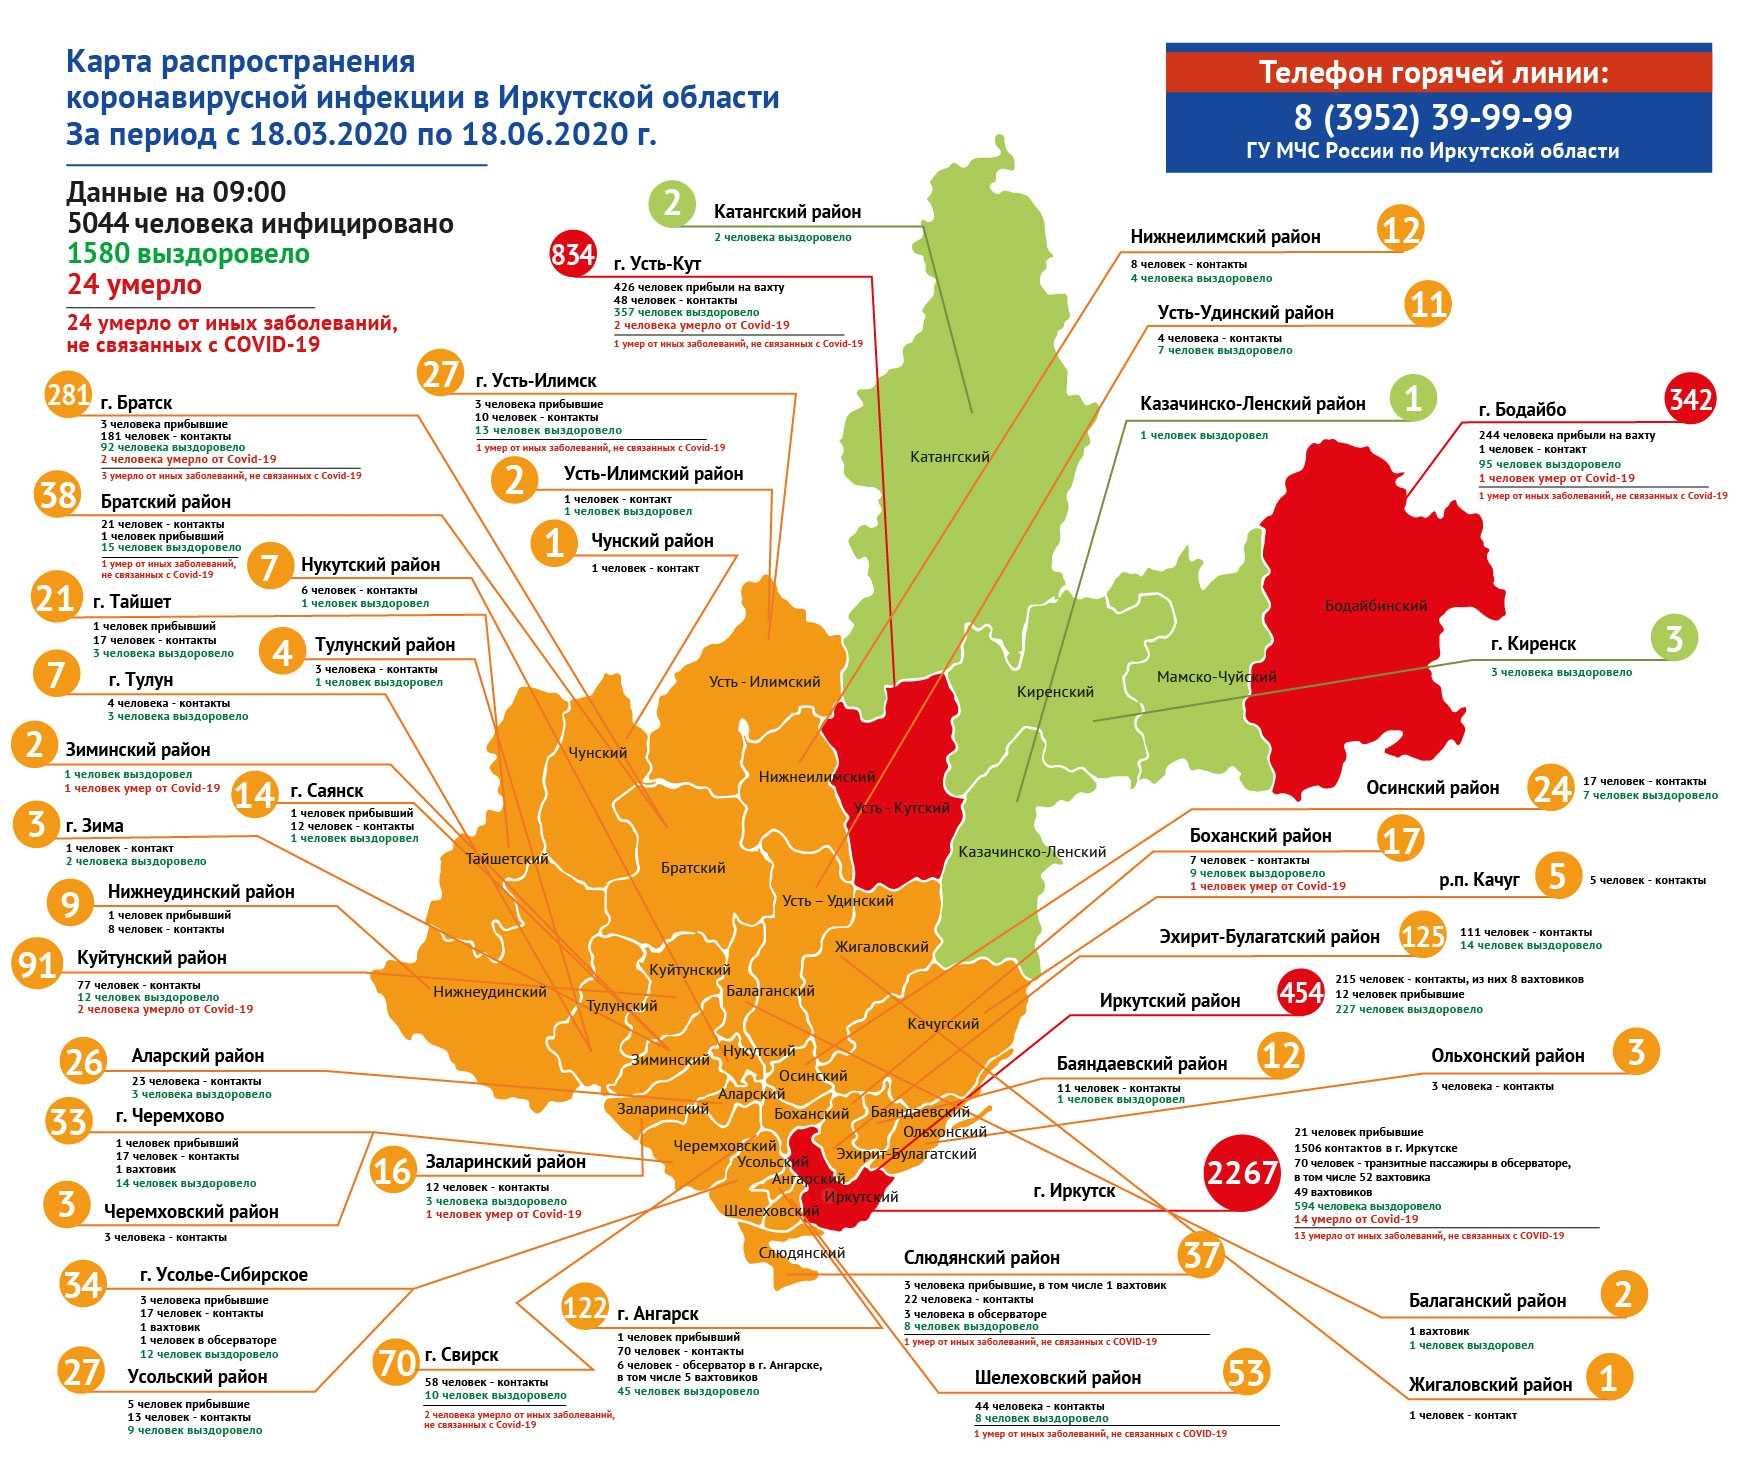 География распространения COVID-19 по области 18 июня 2020 года